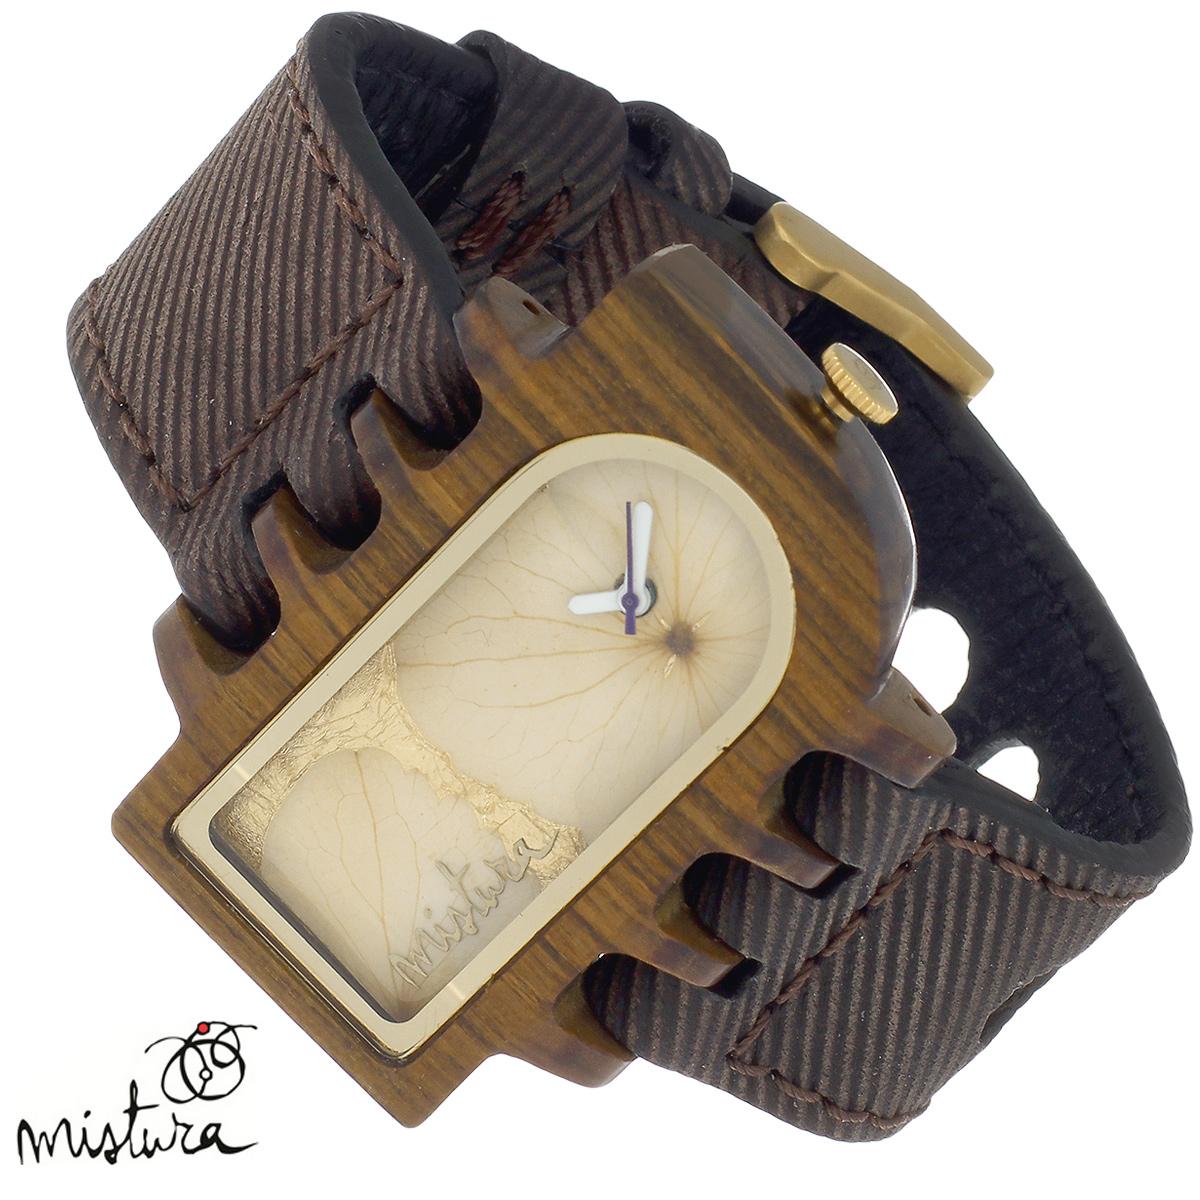 Часы наручные Mistura Umbra Se, цвет: коричневый. TP12016CJPUWFSETP12016CJPUWFSEНаручные часы Mistura благодаря своему эксклюзивному дизайну позволят вам выделиться из толпы и подчеркнуть свою индивидуальность. Для изготовления корпуса часов используется древесина тропических лесов Колумбии с применением индивидуальных методов ее обработки. Дизайн выполняется вручную. Часы оснащены японским кварцевым механизмом MIYOTA. Широкий ремешок из натуральной кожи с фактурной поверхностью оформлен декоративной отстрочкой, застегивается на застежку с деревянным язычком. Корпус часов изготовлен из дерева пуи. Циферблат оформлен лепестками и защищен минеральным стеклом. Часы имеют функцию защиты от брызг, вы можете находиться в них под дождем в течение недолгого времени. Изделие упаковано в фирменную коробку с логотипом компании Mistura. Часы марки Mistura идеально подходят молодым и уверенным в себе людям, ценящим качество, практичность и индивидуальность в каждой детали. Каждая модель оснащена оригинальным дизайнерским корпусом, а...